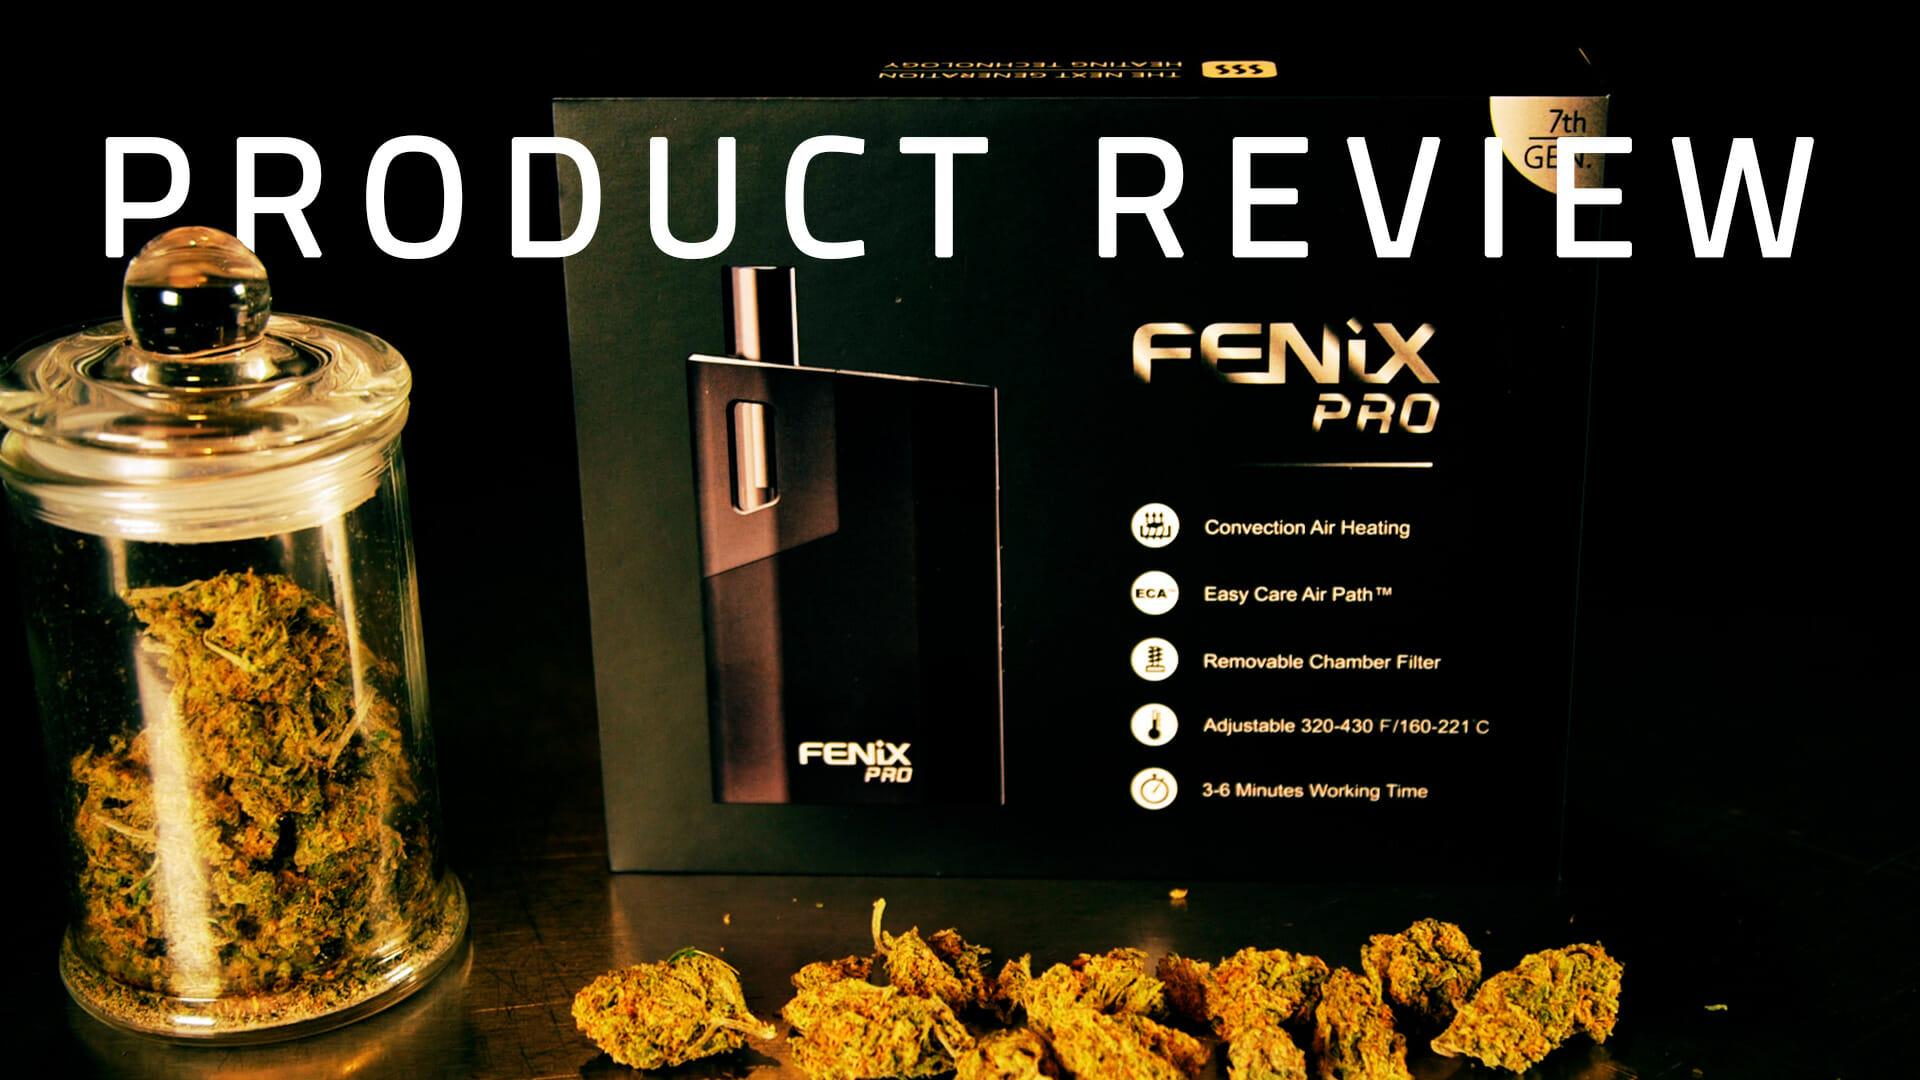 fenix-pro-vaporizer-review-thumbnail-3